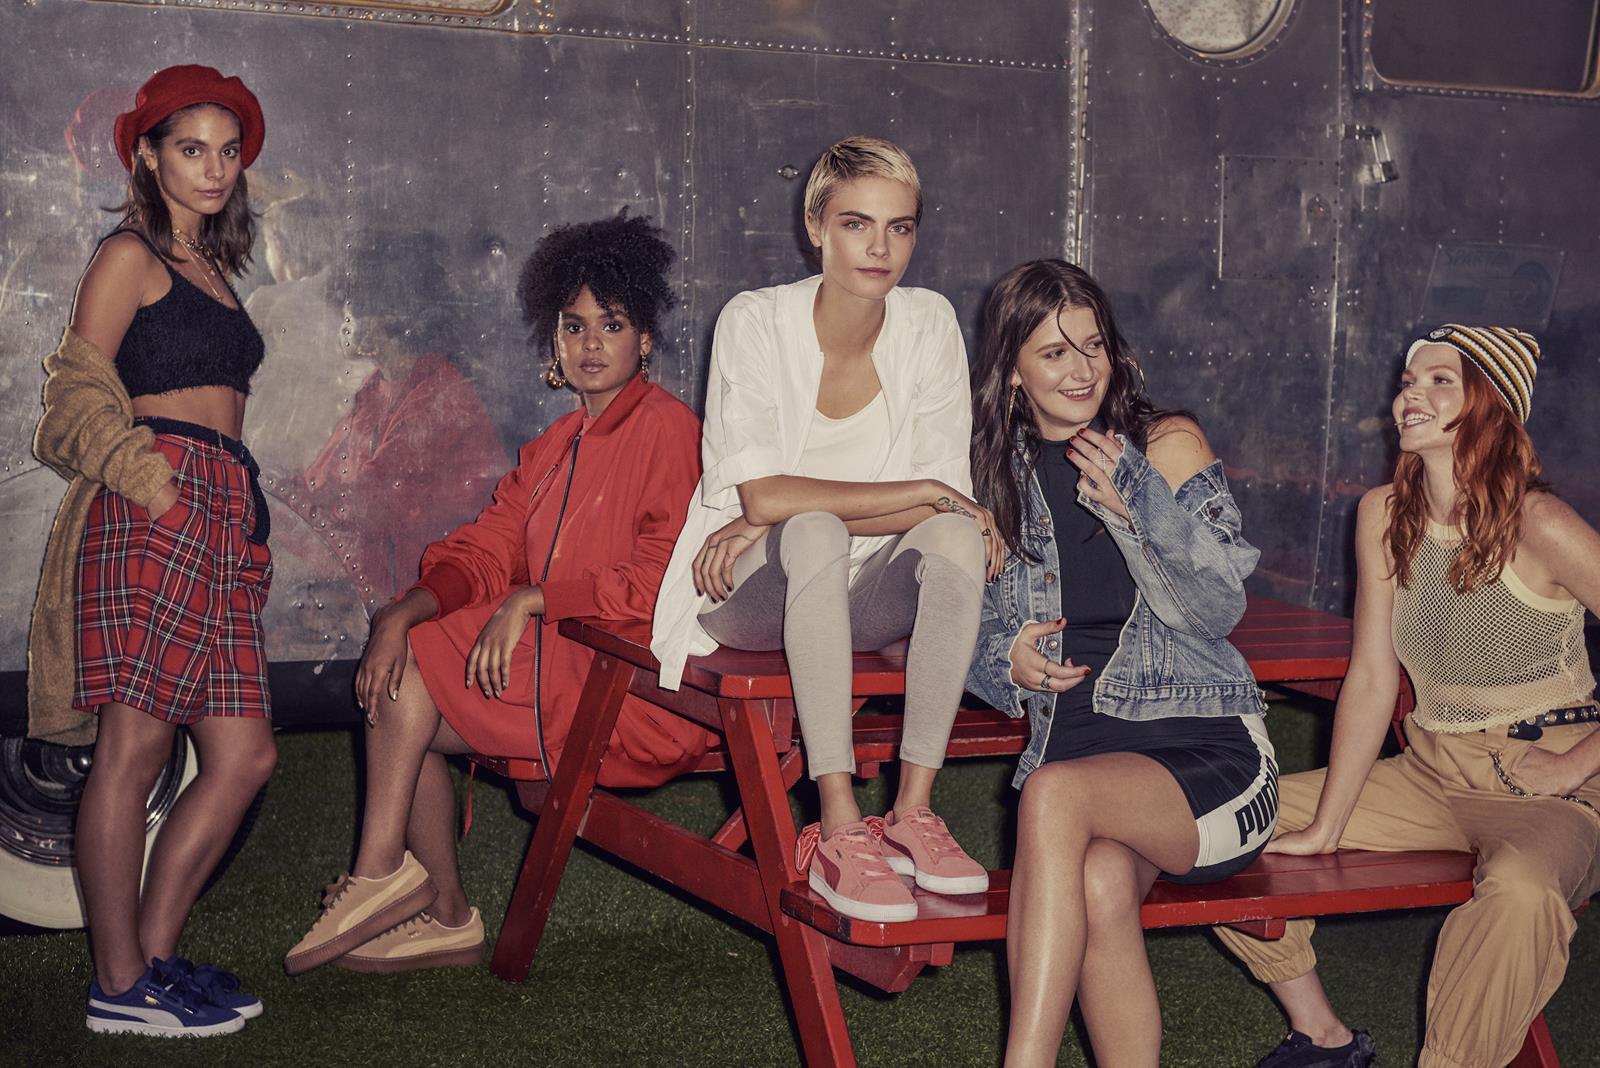 Fashion Le Nuove Cara Presenta Suede Delevingne Times Bow Puma nqTA0wEaxA